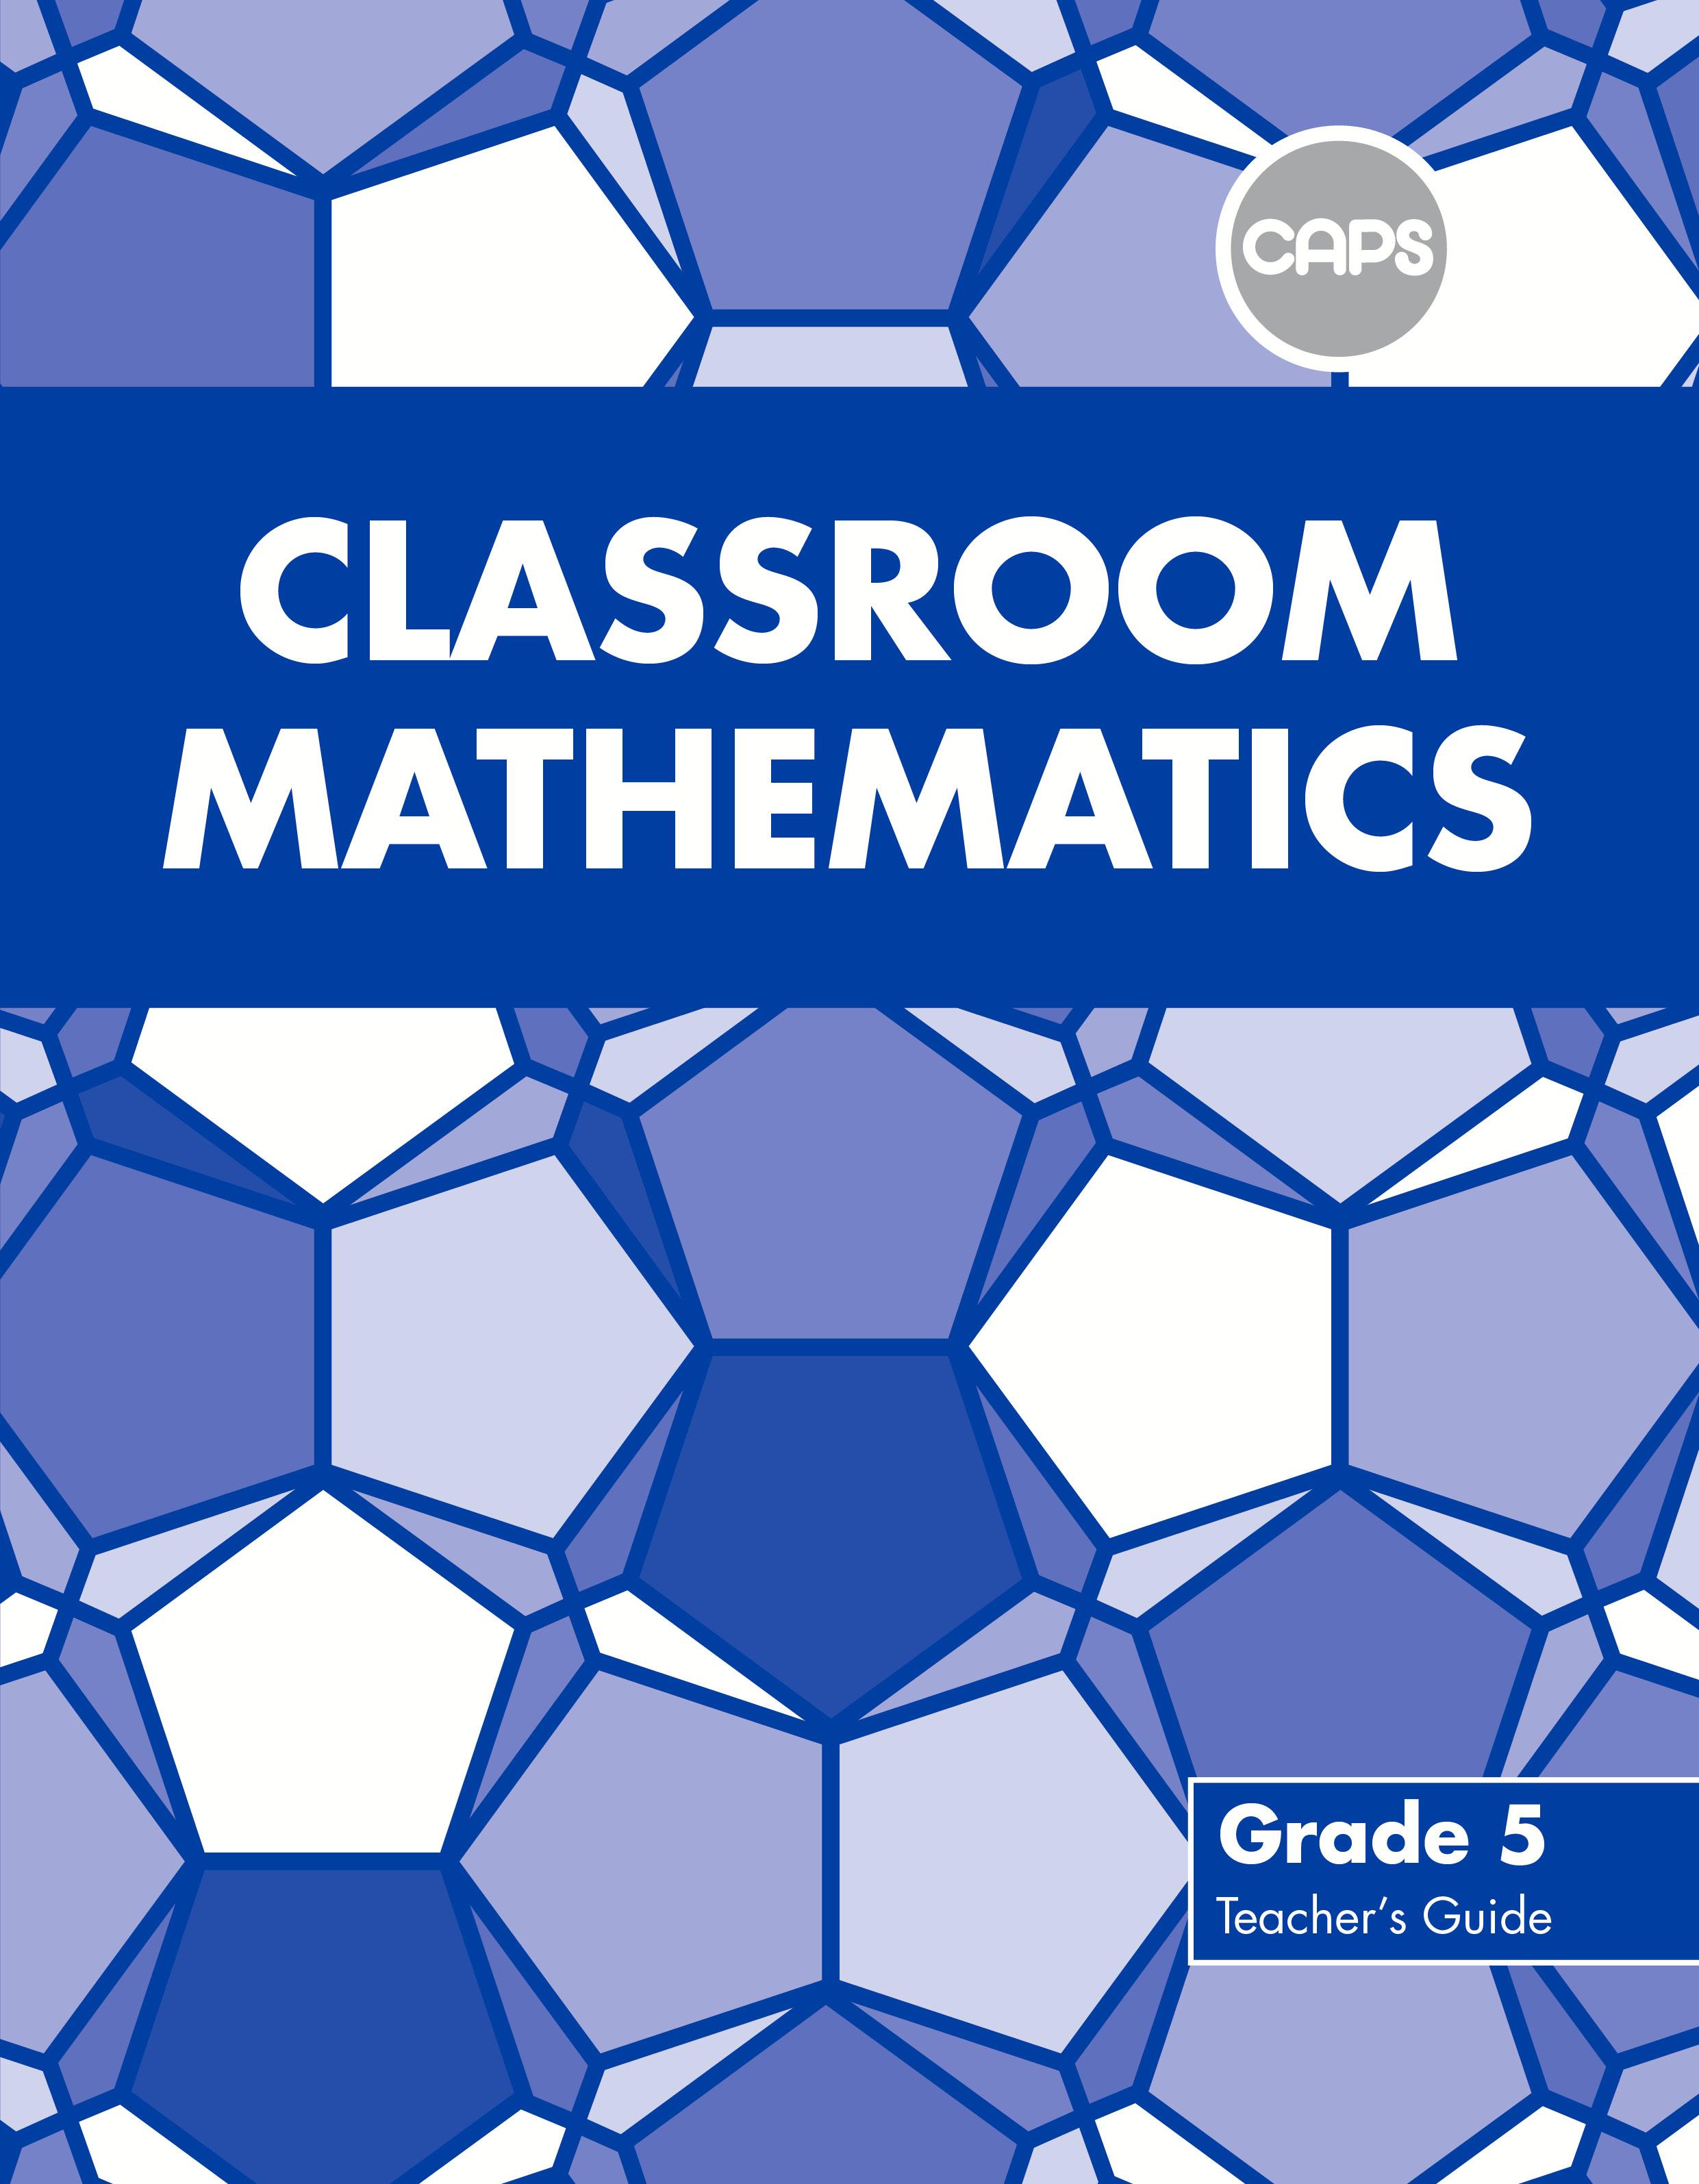 Picture of Classroom mathematics CAPS aligned